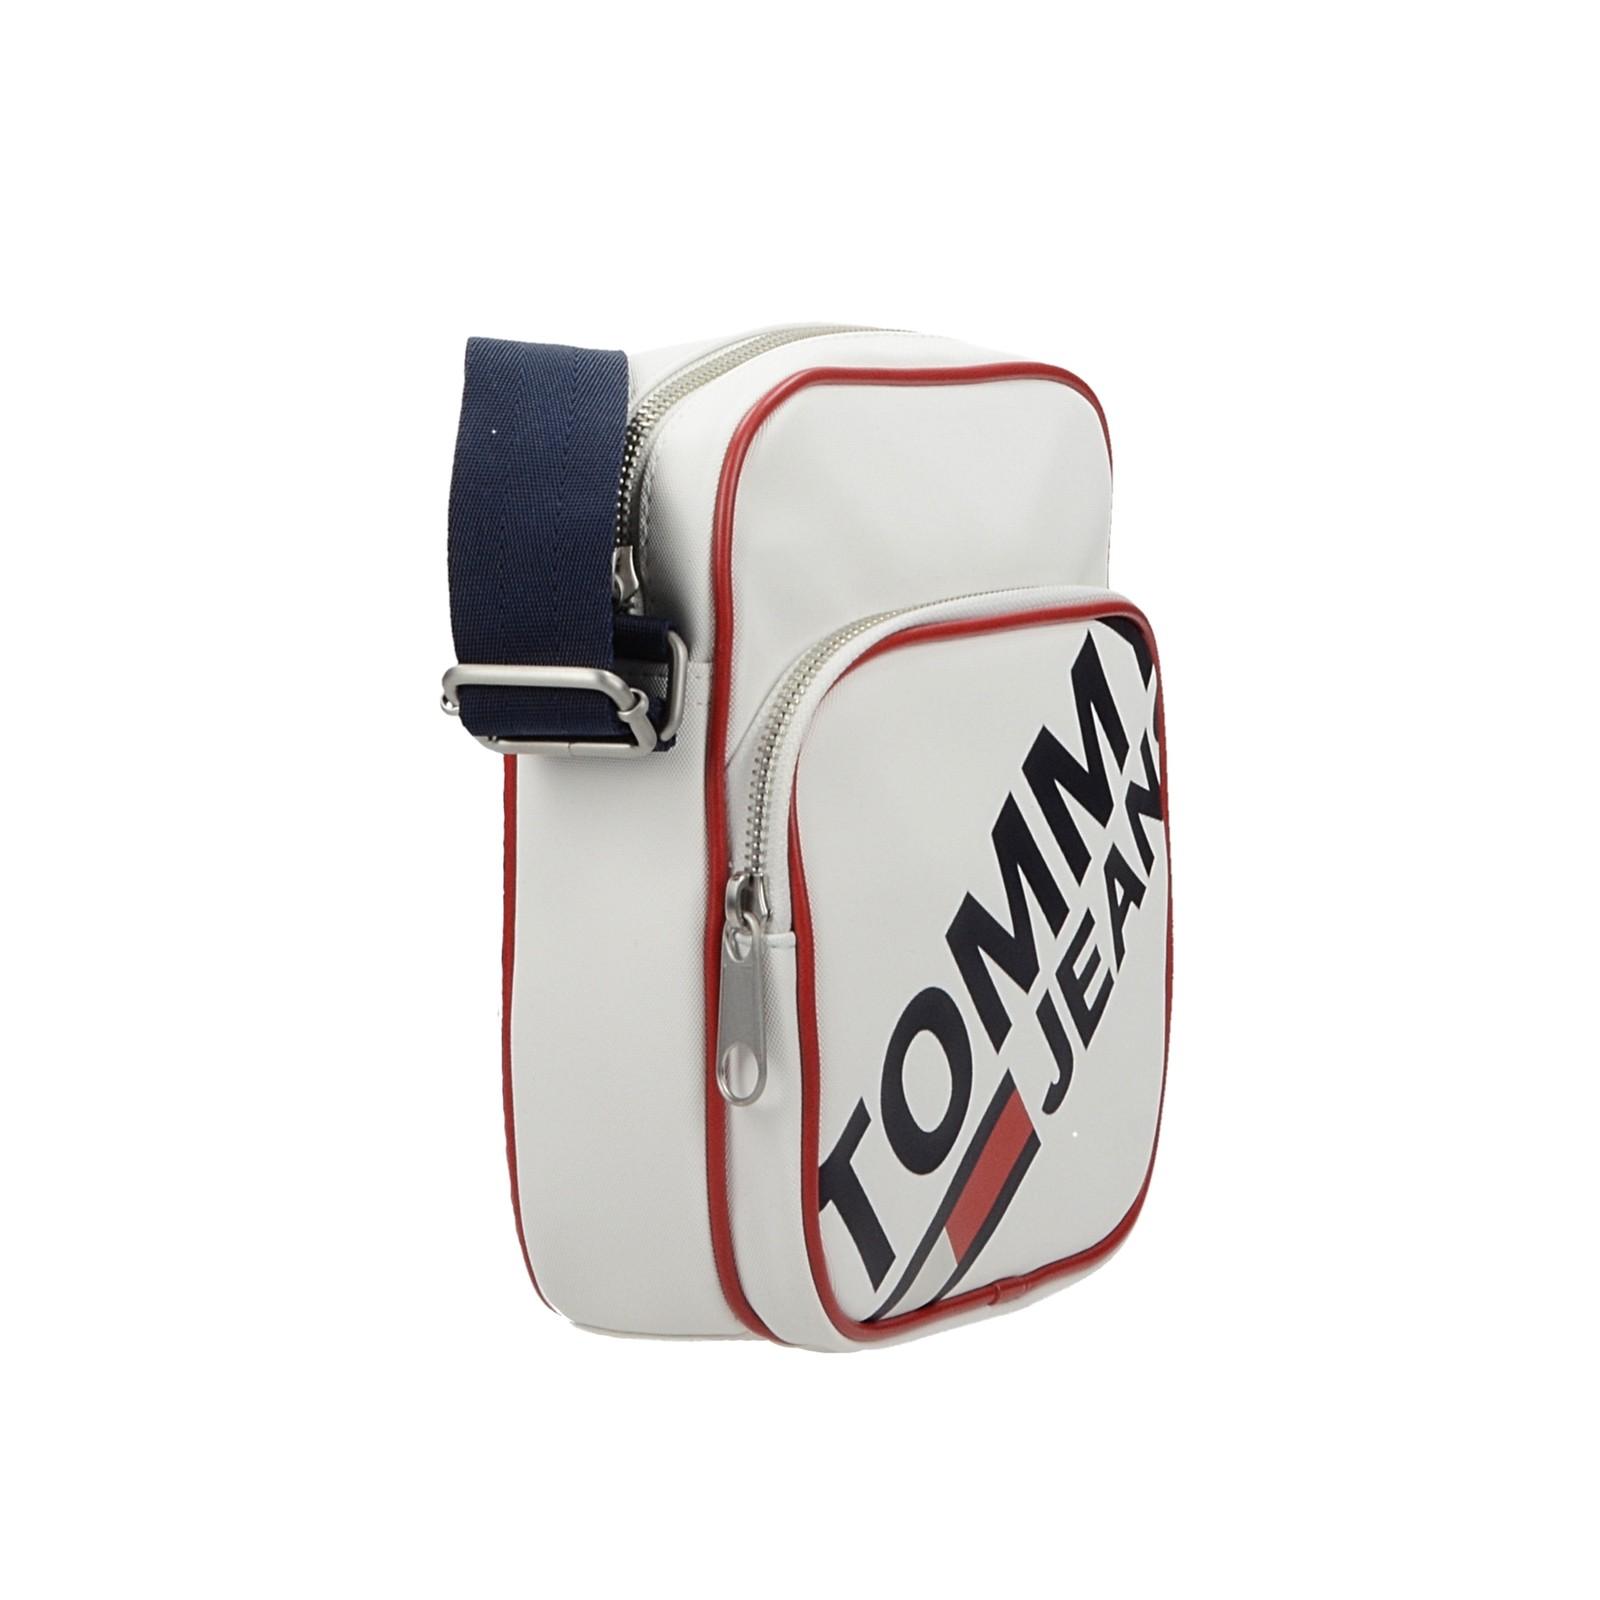 Tommy Hilfiger dámská stylová crossbody kabelka - bílá